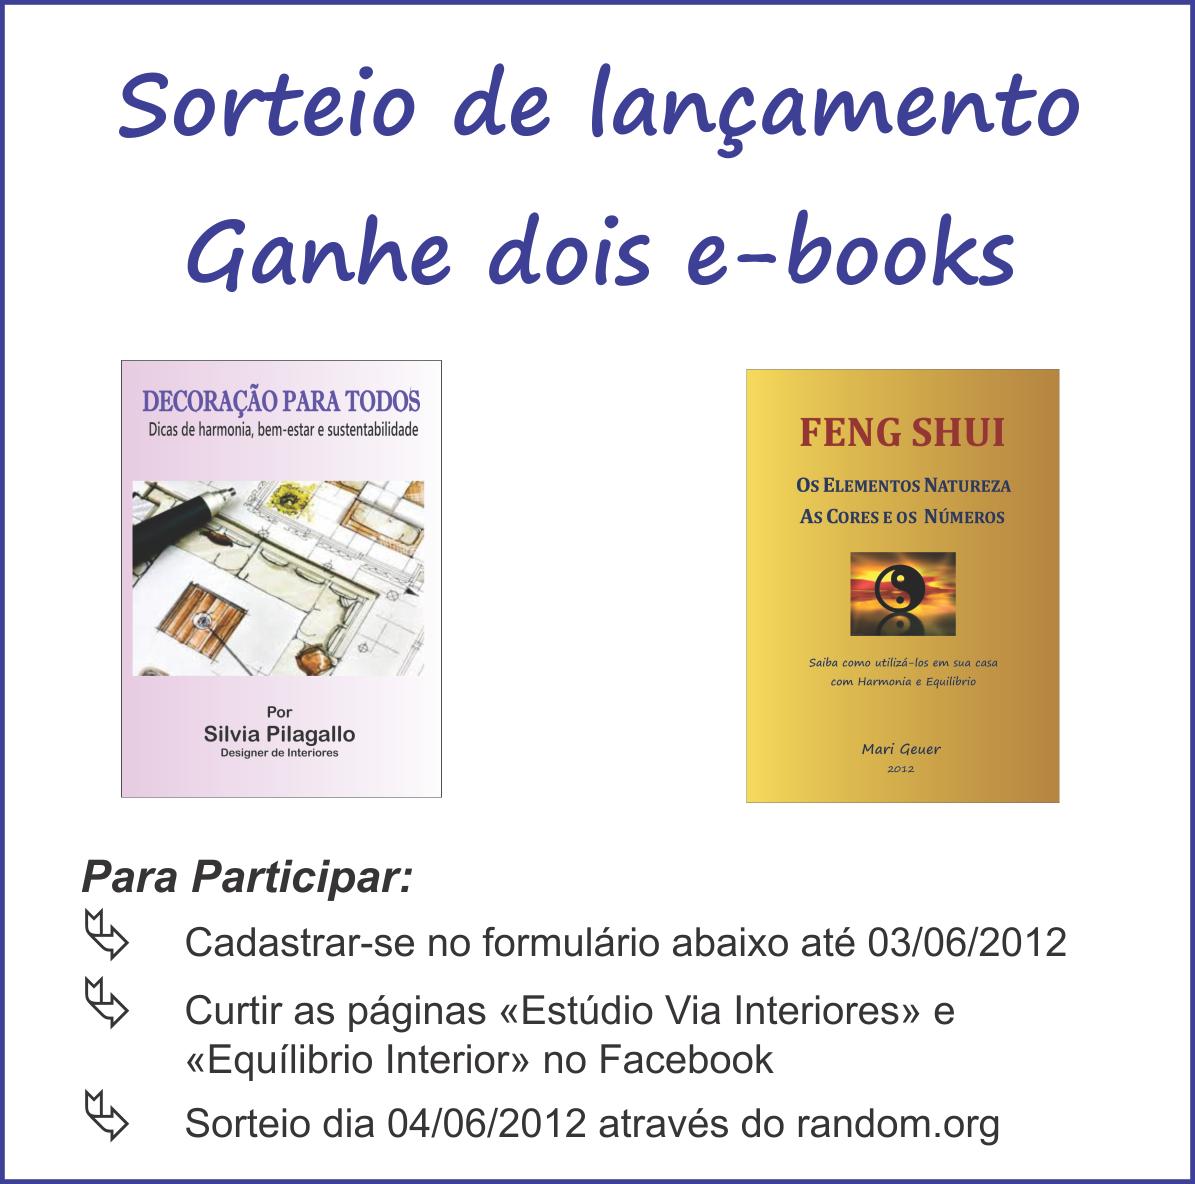 Sorteio ebooks decora o para todos e feng shui casa for Feng shui para todos